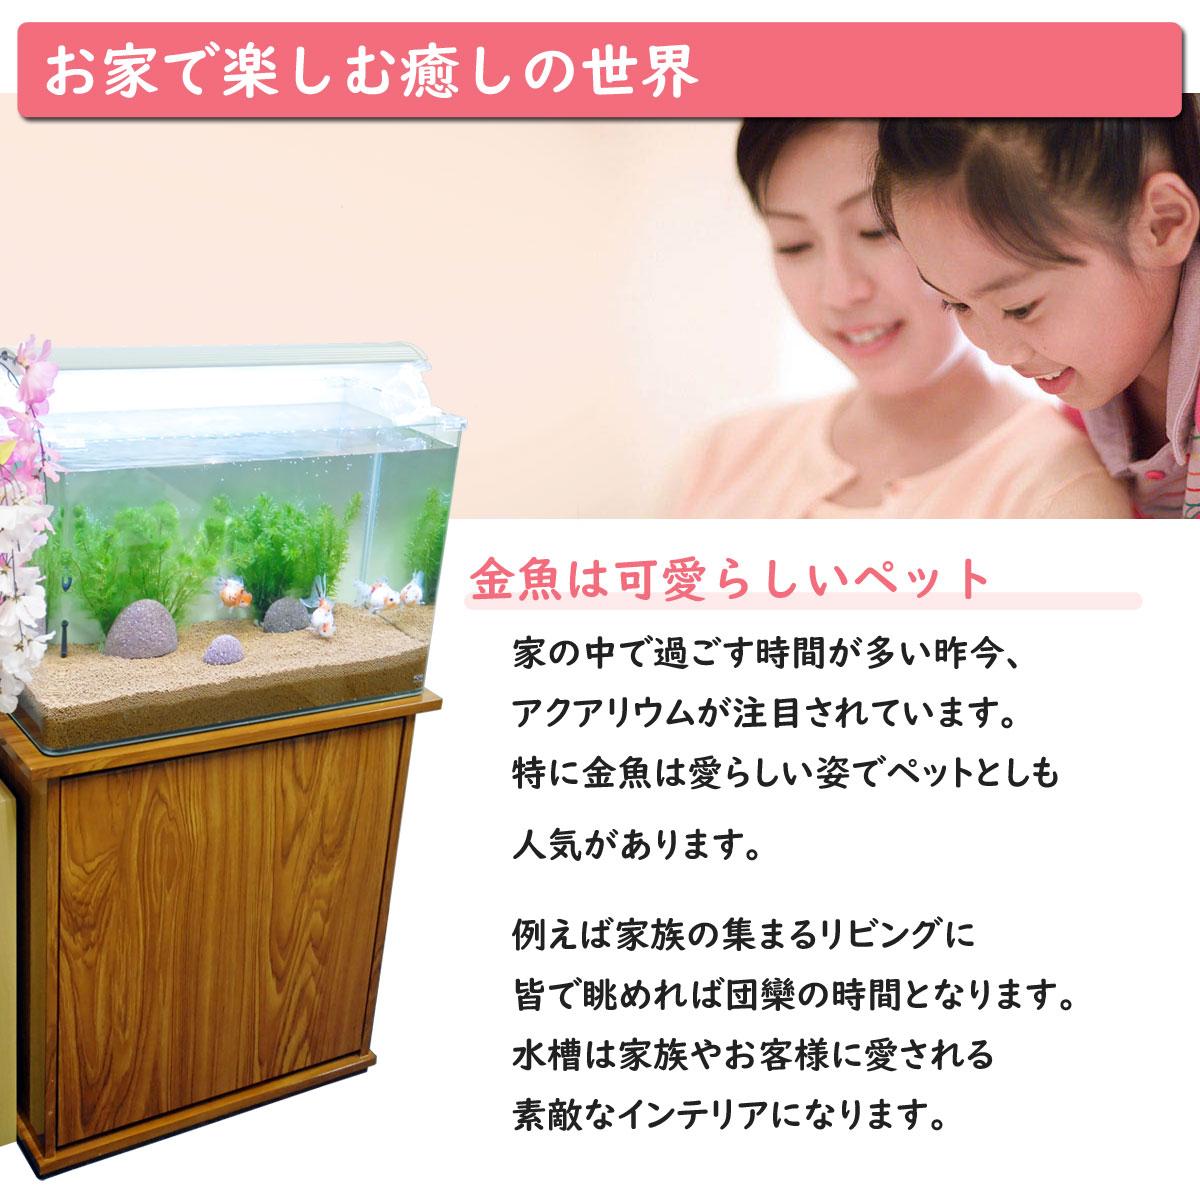 金魚王子 ホームアクアリウムオールセット 金魚:オランダ 60cm水槽 飼育に必要なもの全てお届け 家族の団欒 インテリア 癒しに